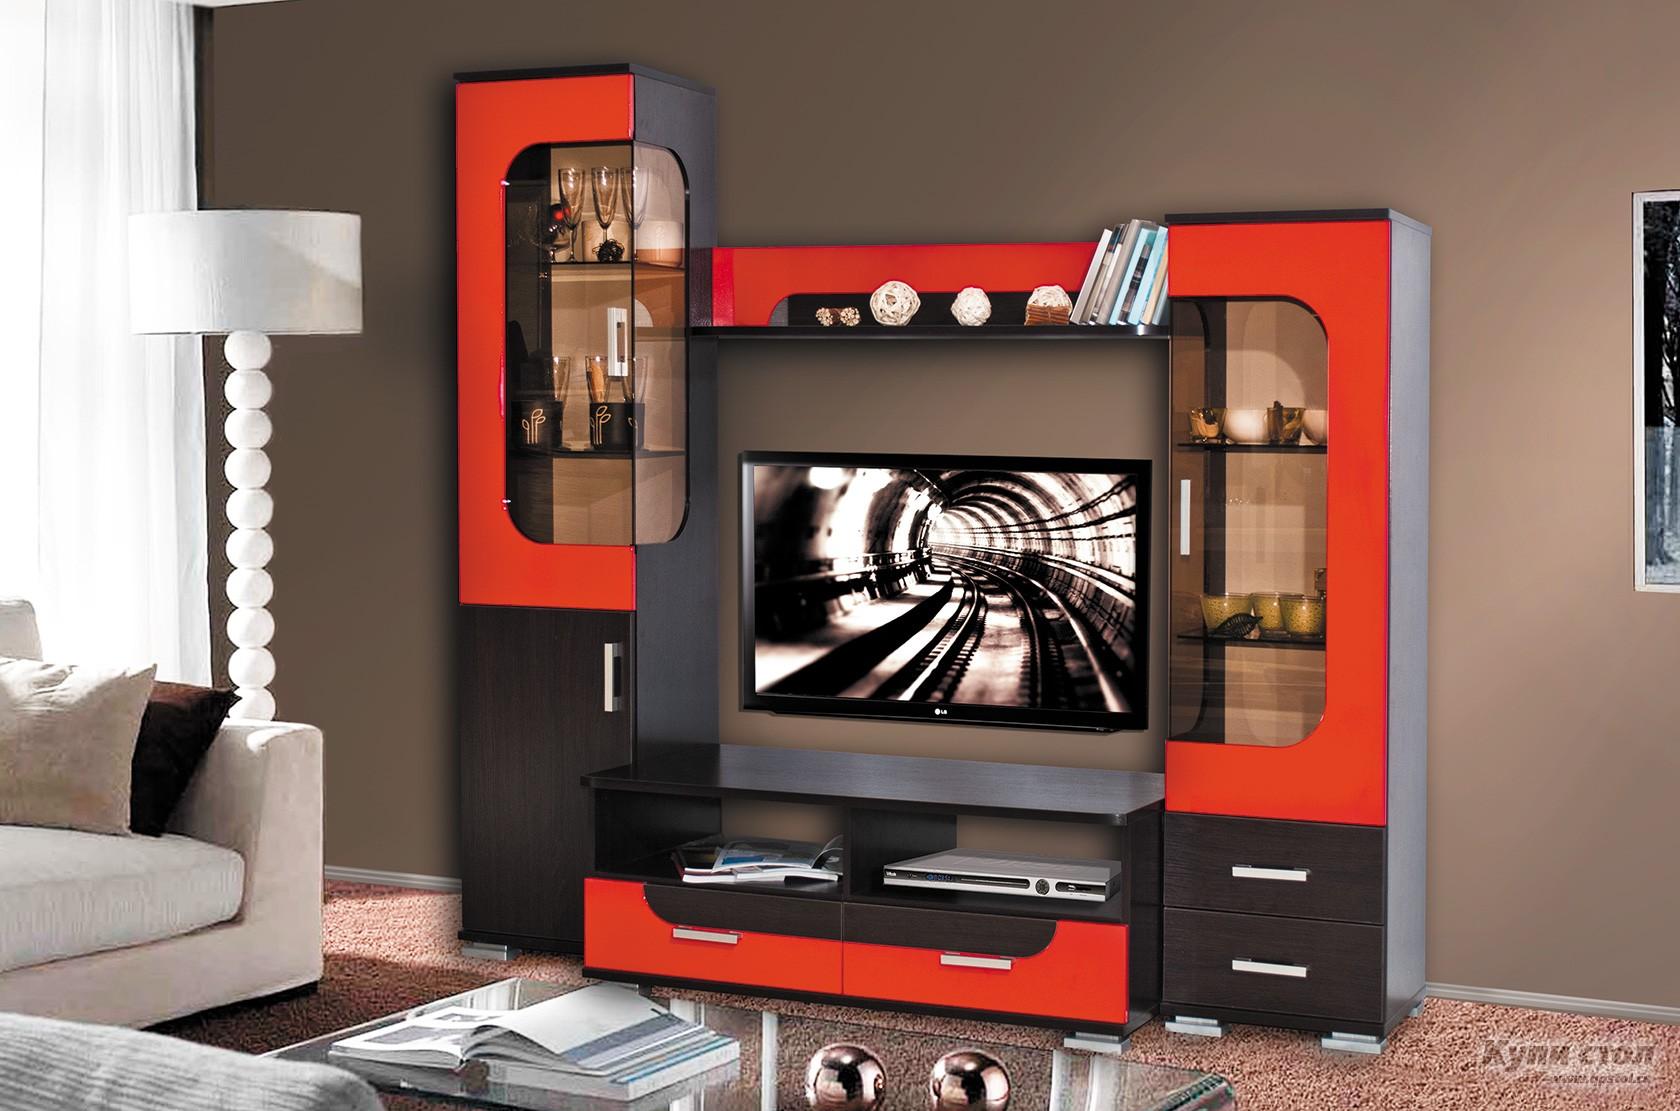 Купить гостиная стл.151.01 за 9990.000 рублей - flagmansale .